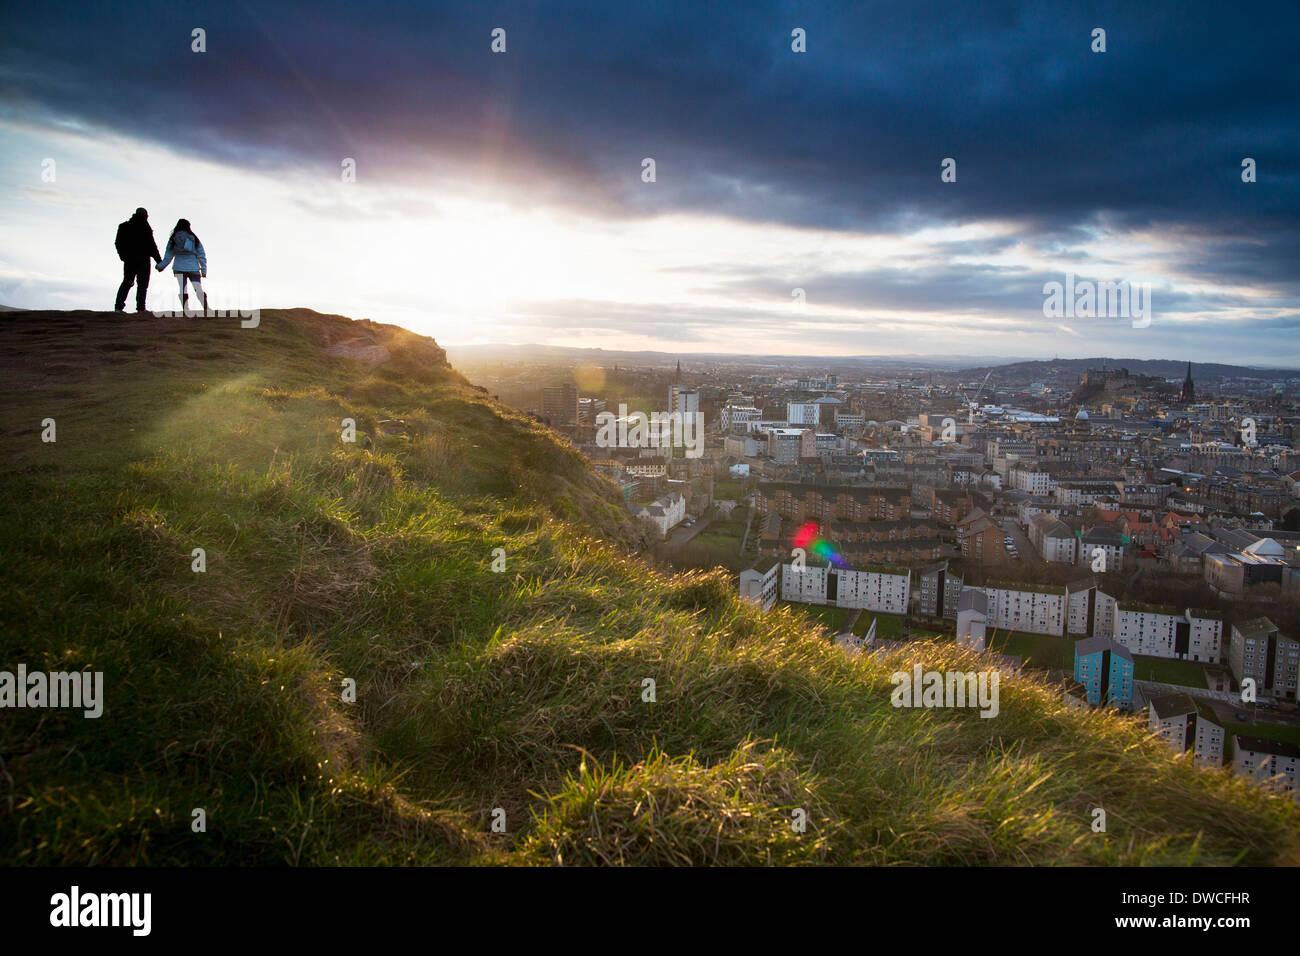 Una joven pareja las manos delante de la vista de la ciudad de Edimburgo desde Salisbury Crags Imagen De Stock